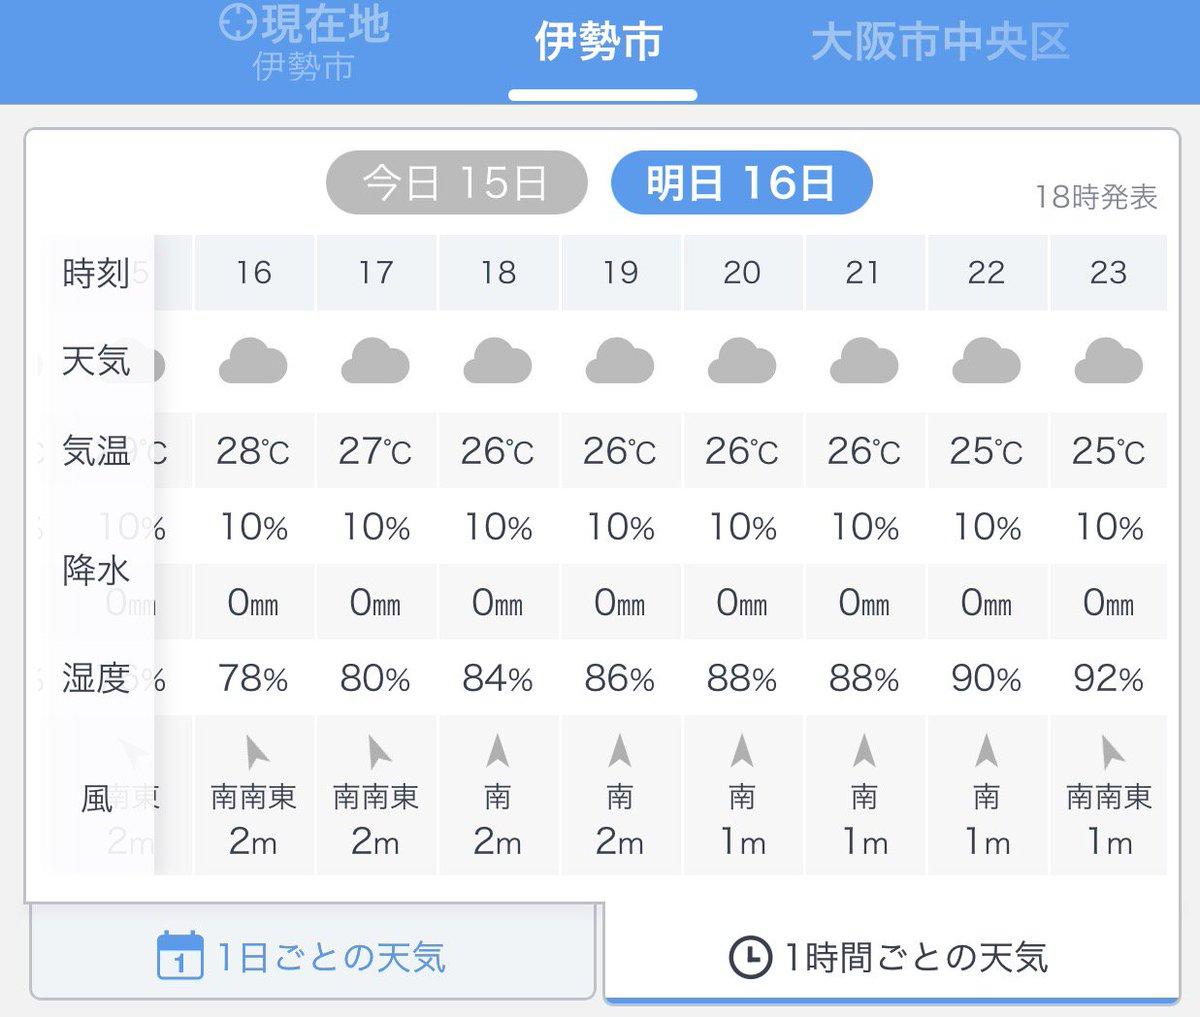 天気 明日 伊勢 の